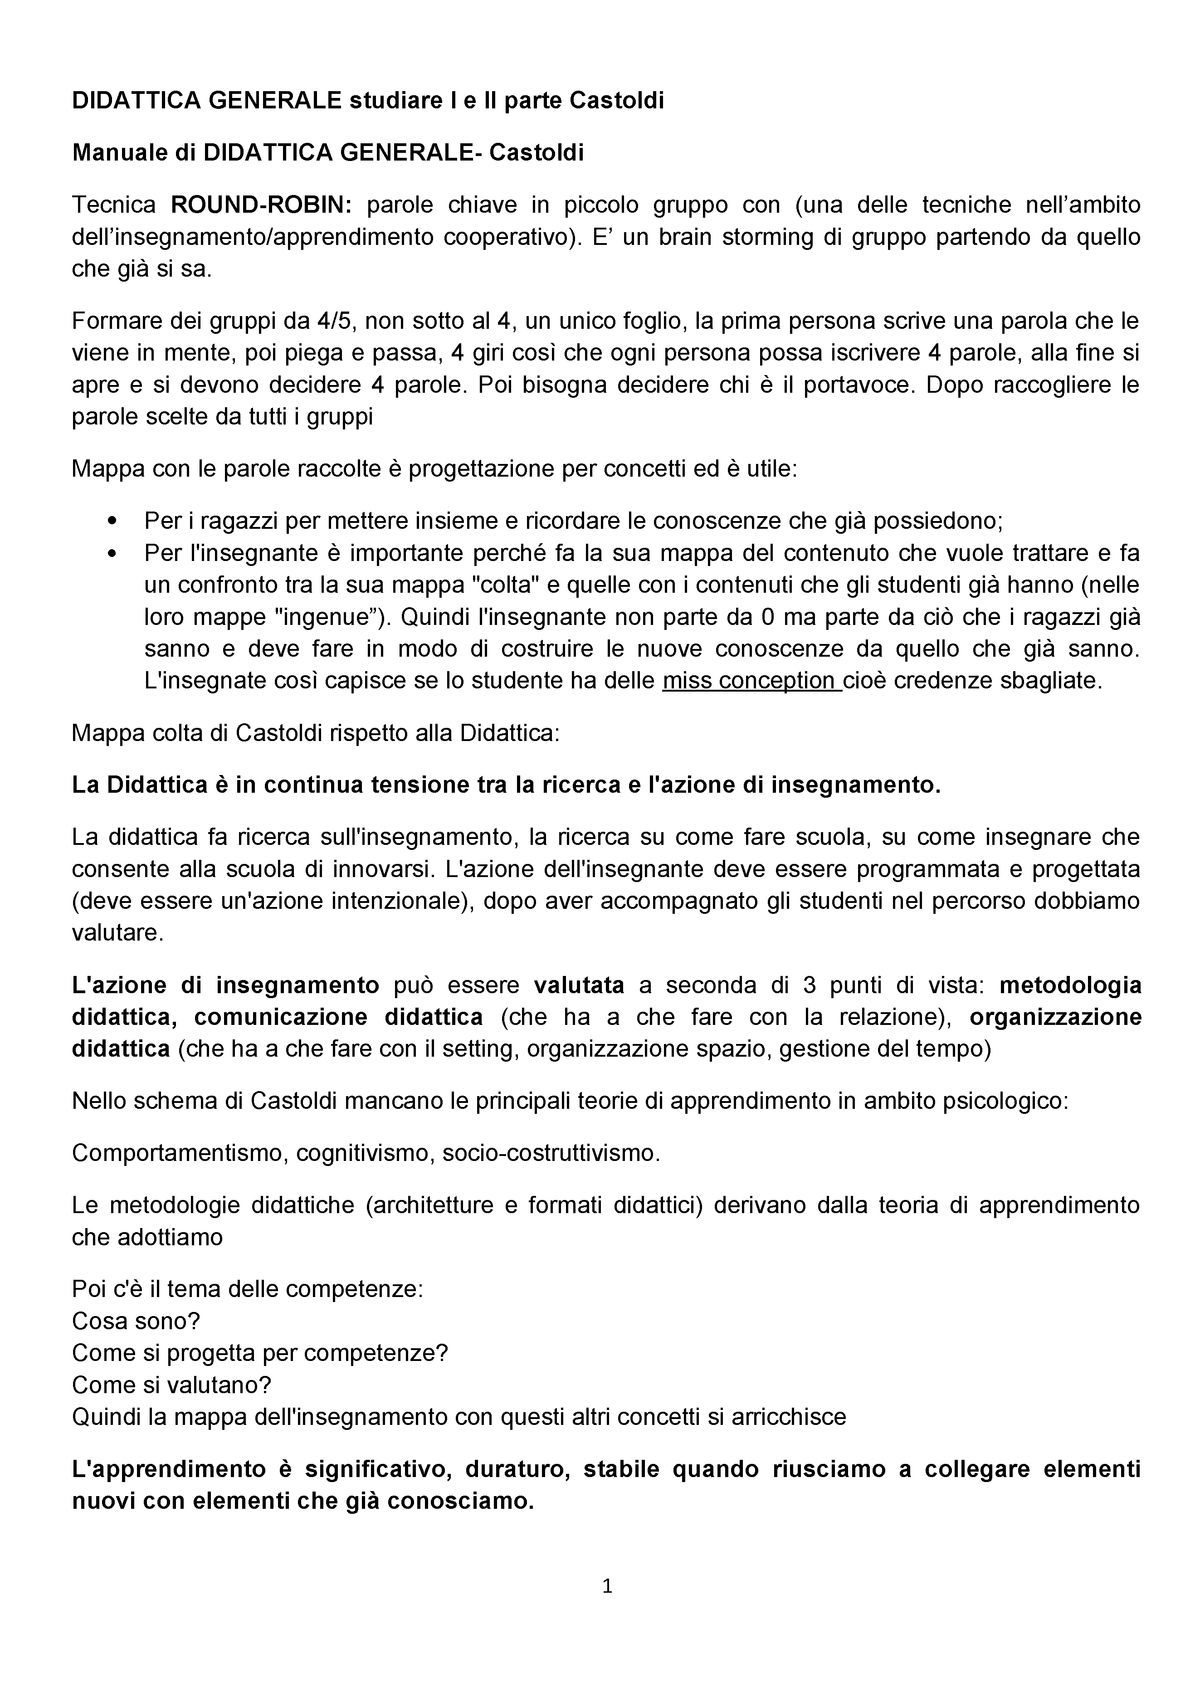 eb21401d9b Didattica Generale- manuale CASTOLDi per24cfu Morepef2018 - 2A0163:  Didattica generale - StuDocu